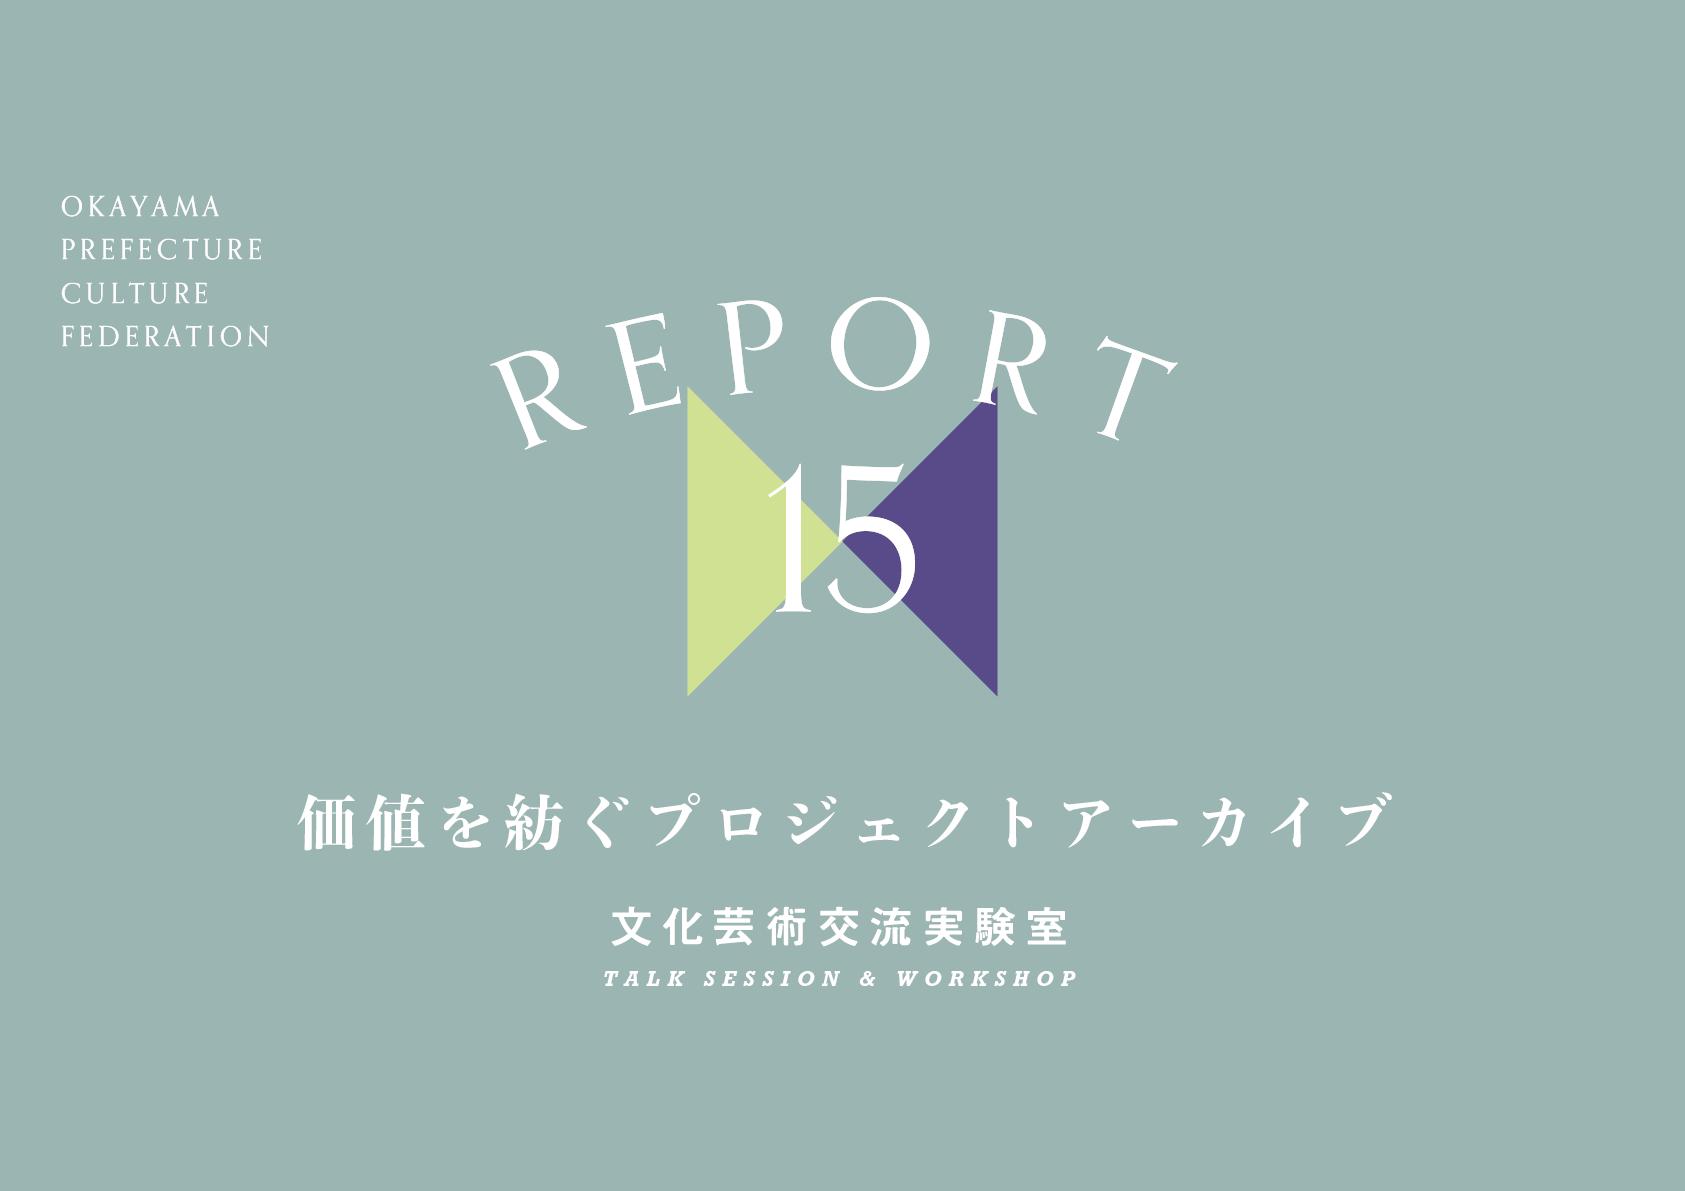 レポート「価値を紡ぐプロジェクトアーカイブ」